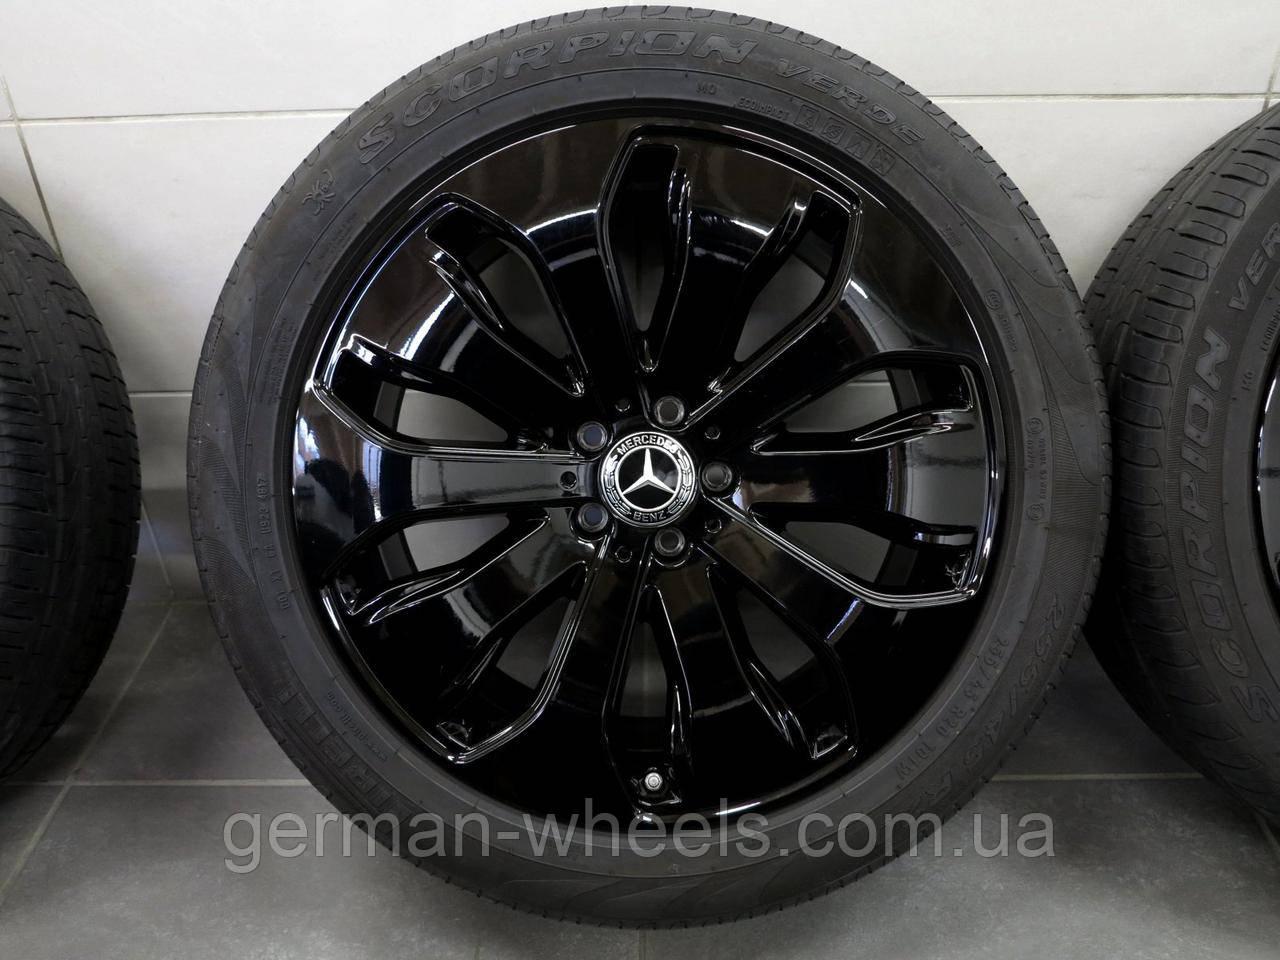 Оригинальные диски R20 Mercedes EQC W293